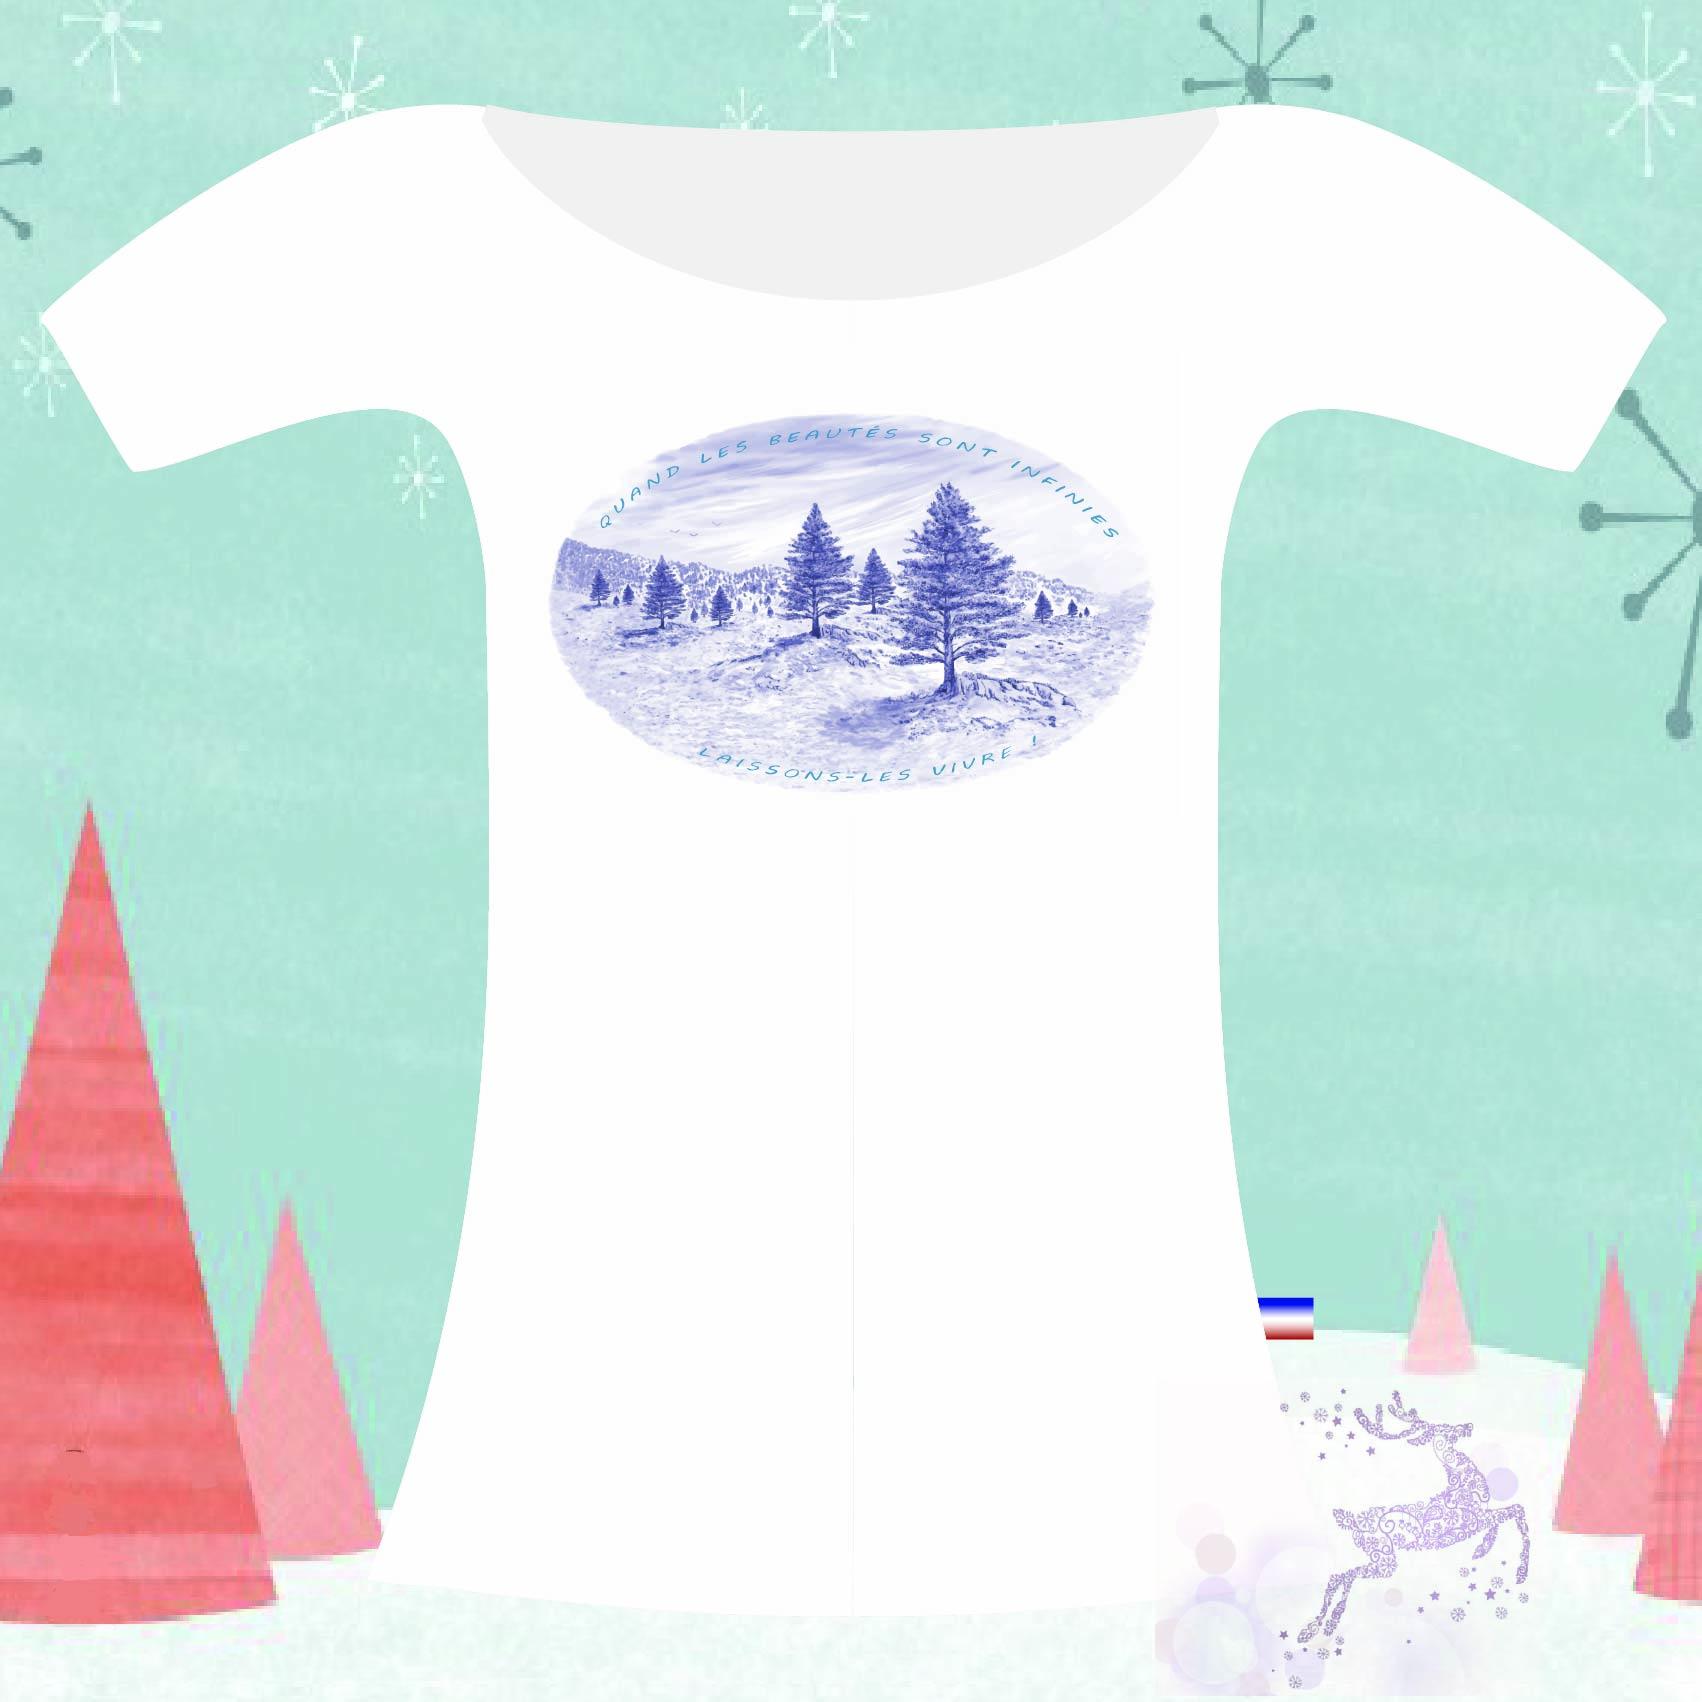 T-shirt quand les beautés sont infinies laissons-les vivre de robin millie